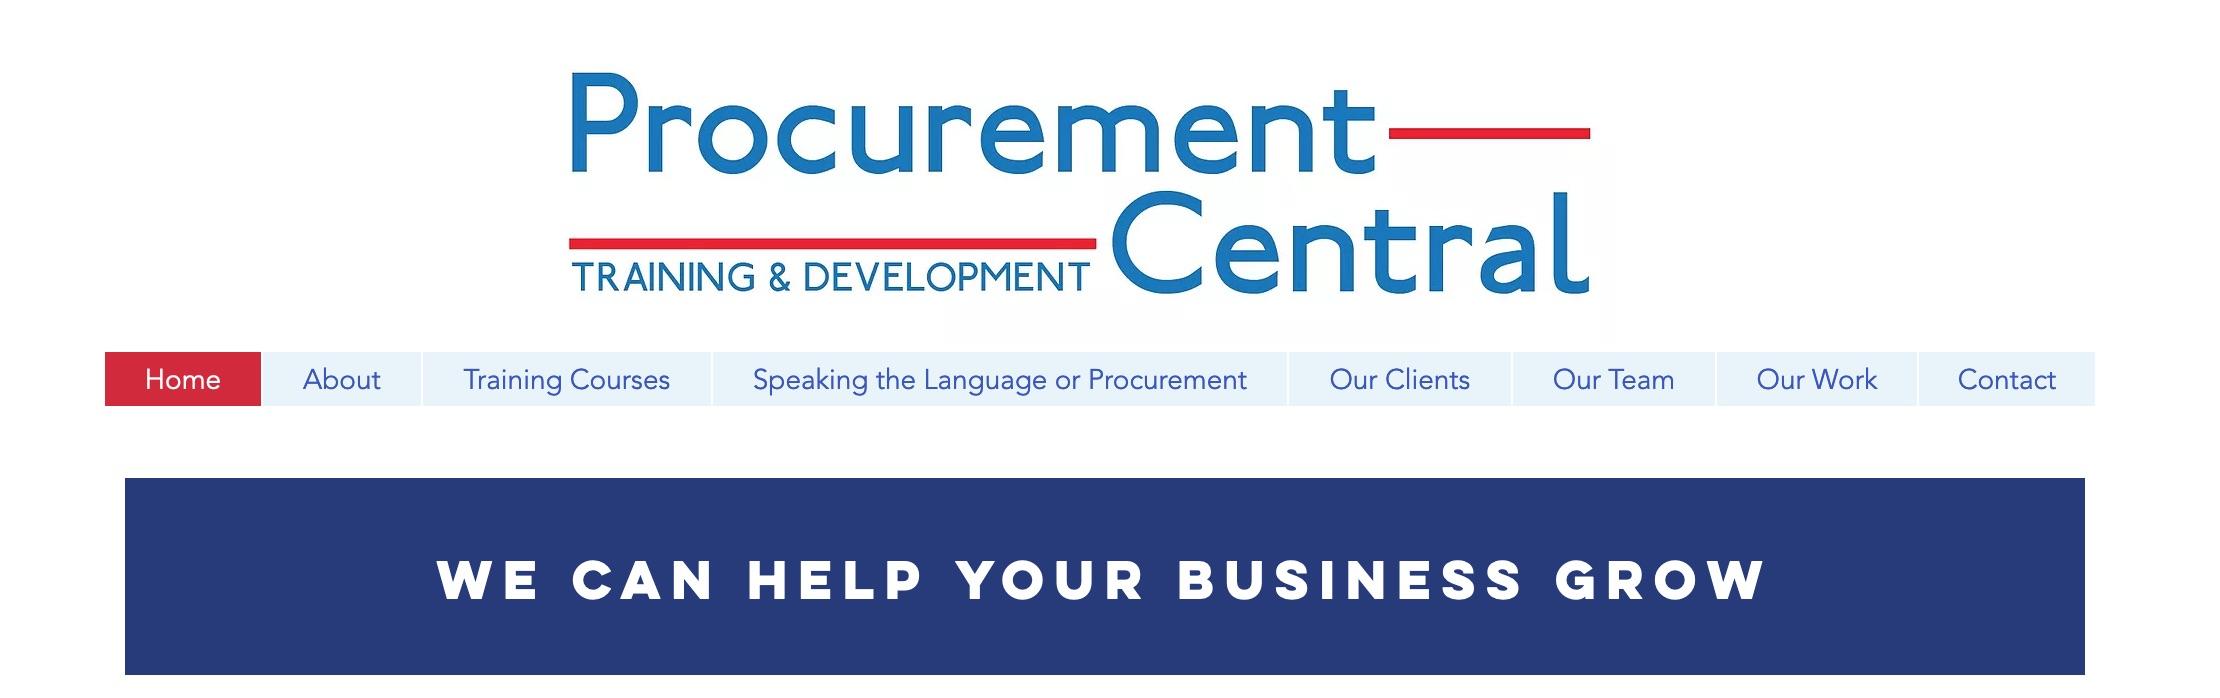 Procurement Central Training Courses